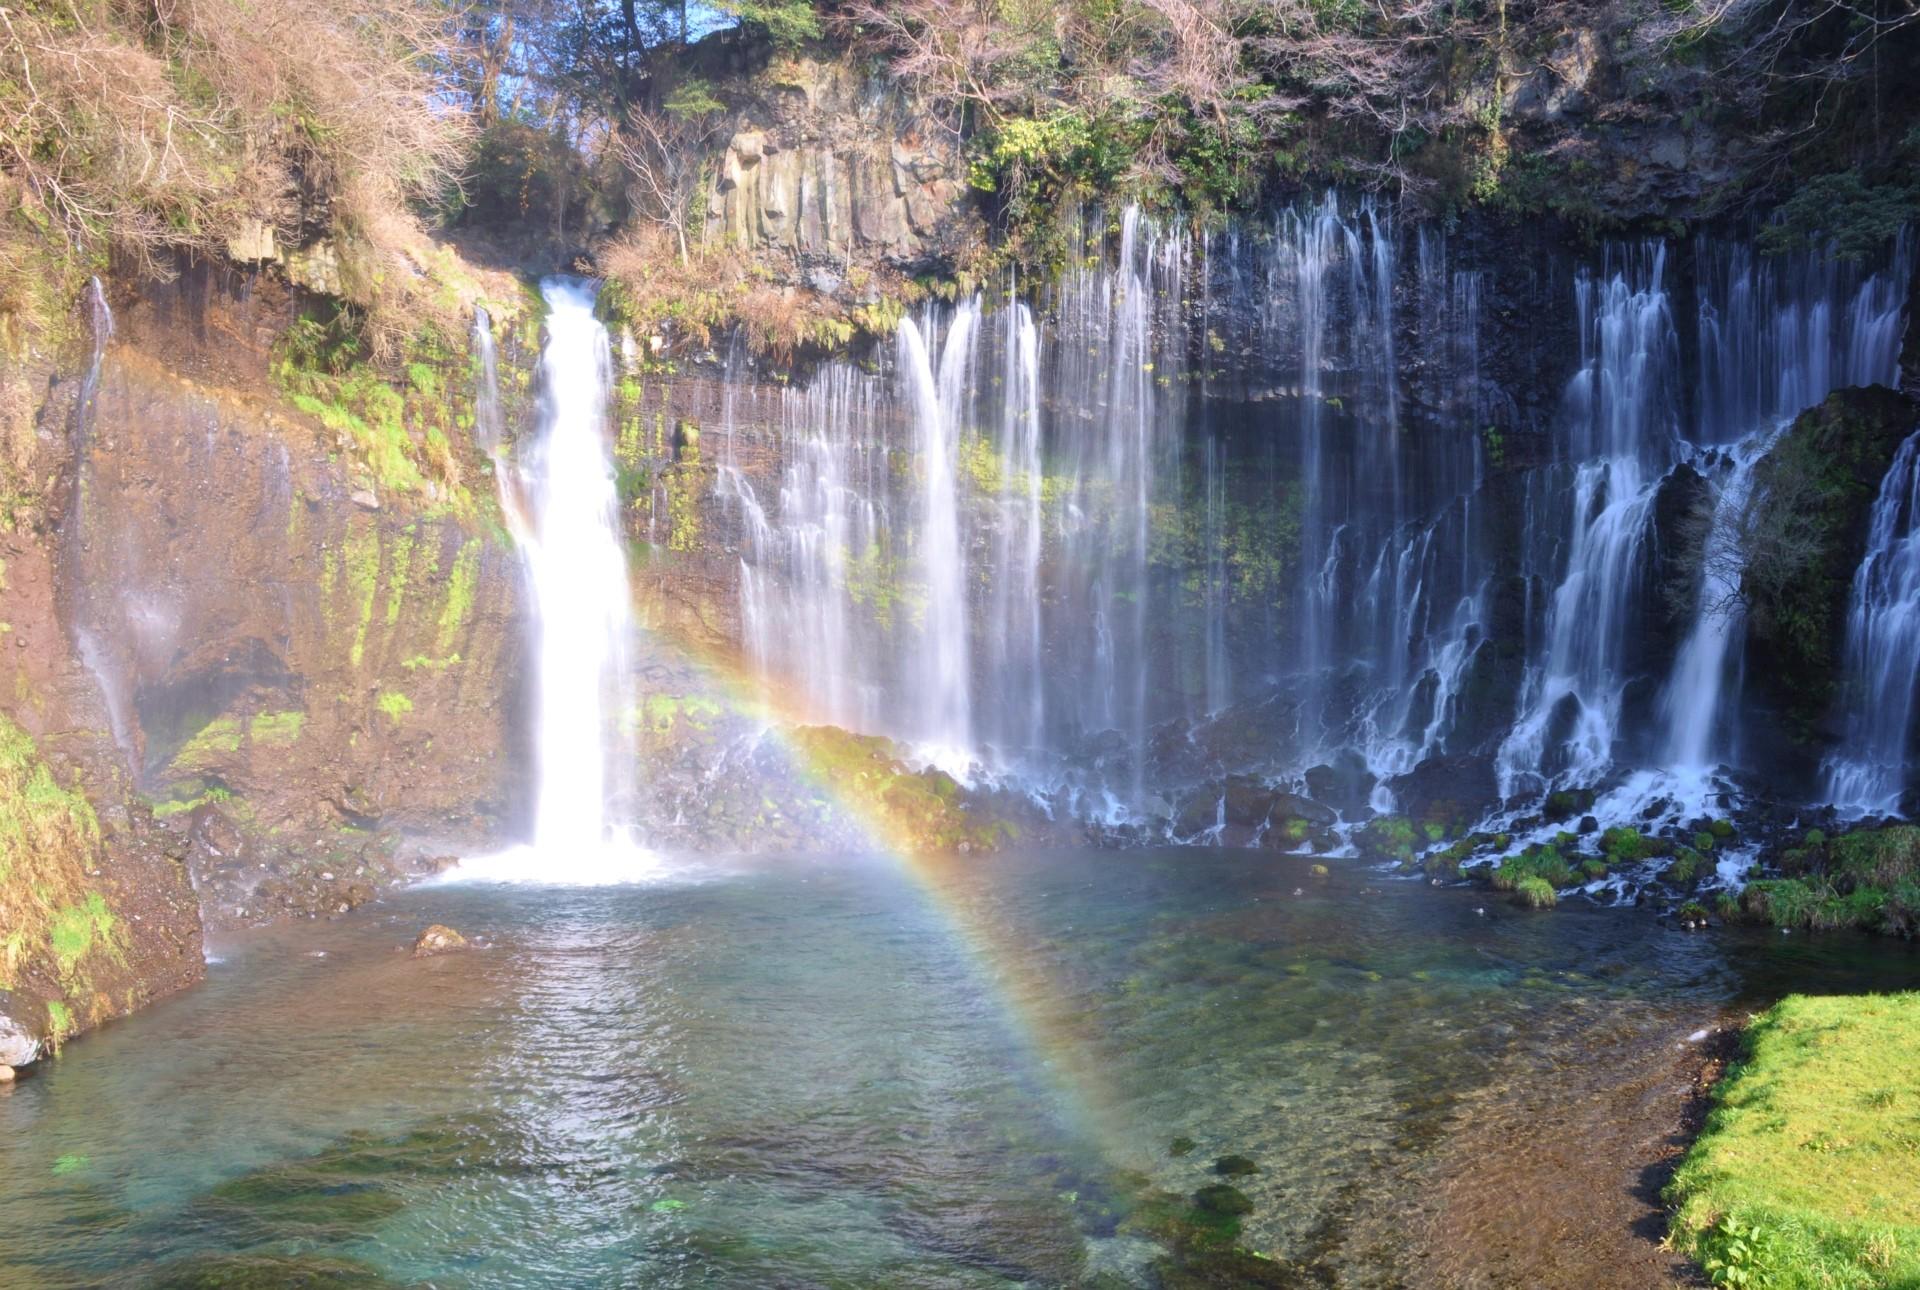 静岡観光で行くべき有名な滝おすすめ3選!絶景スポットでマイナスイオンを浴びよう!